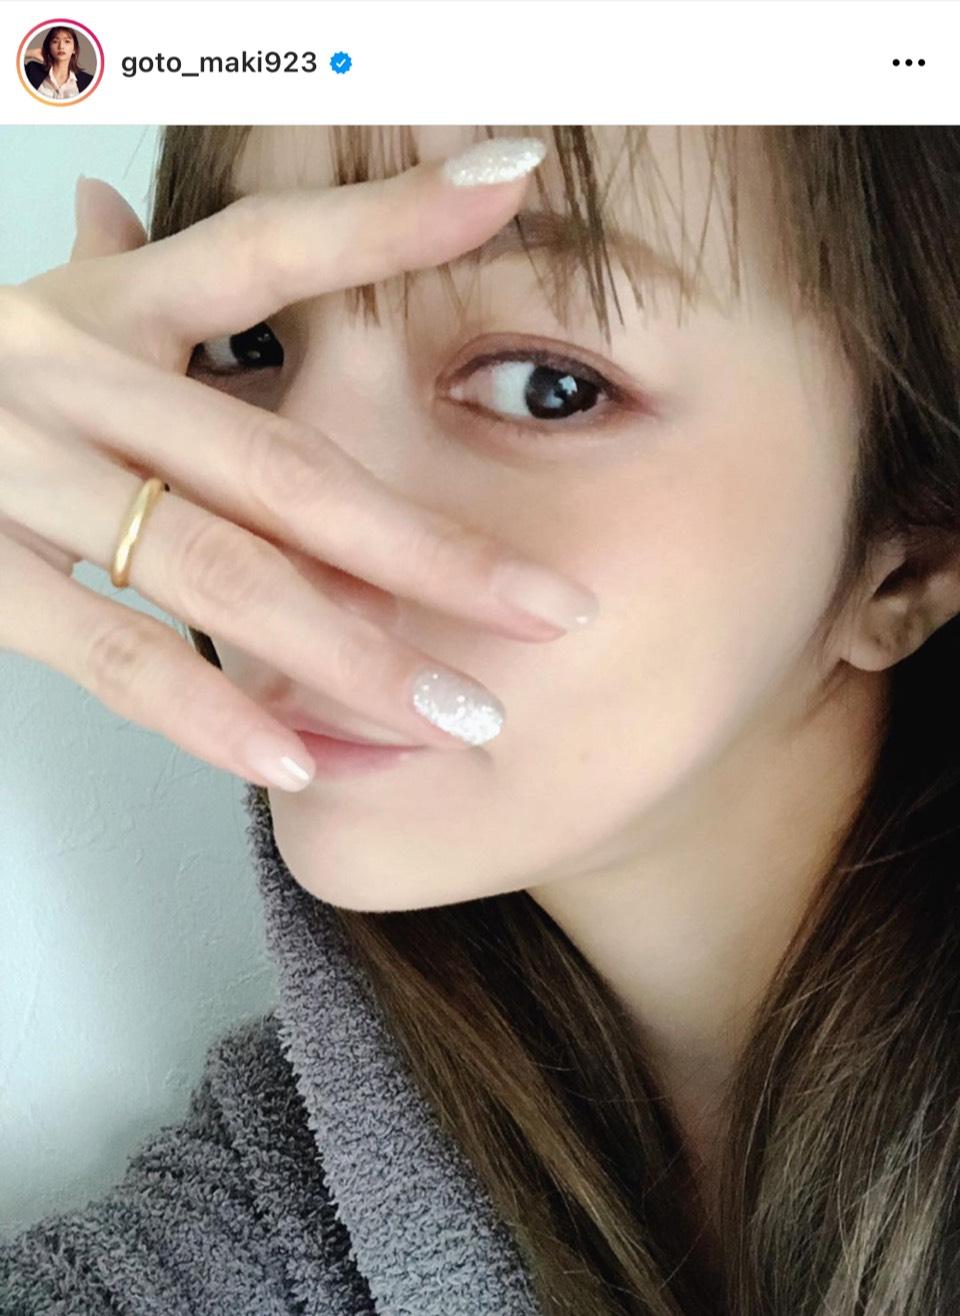 「今が1番可愛い」後藤真希、キラキラネイル見せSHOT公開し反響「目がおっきい」「天使」